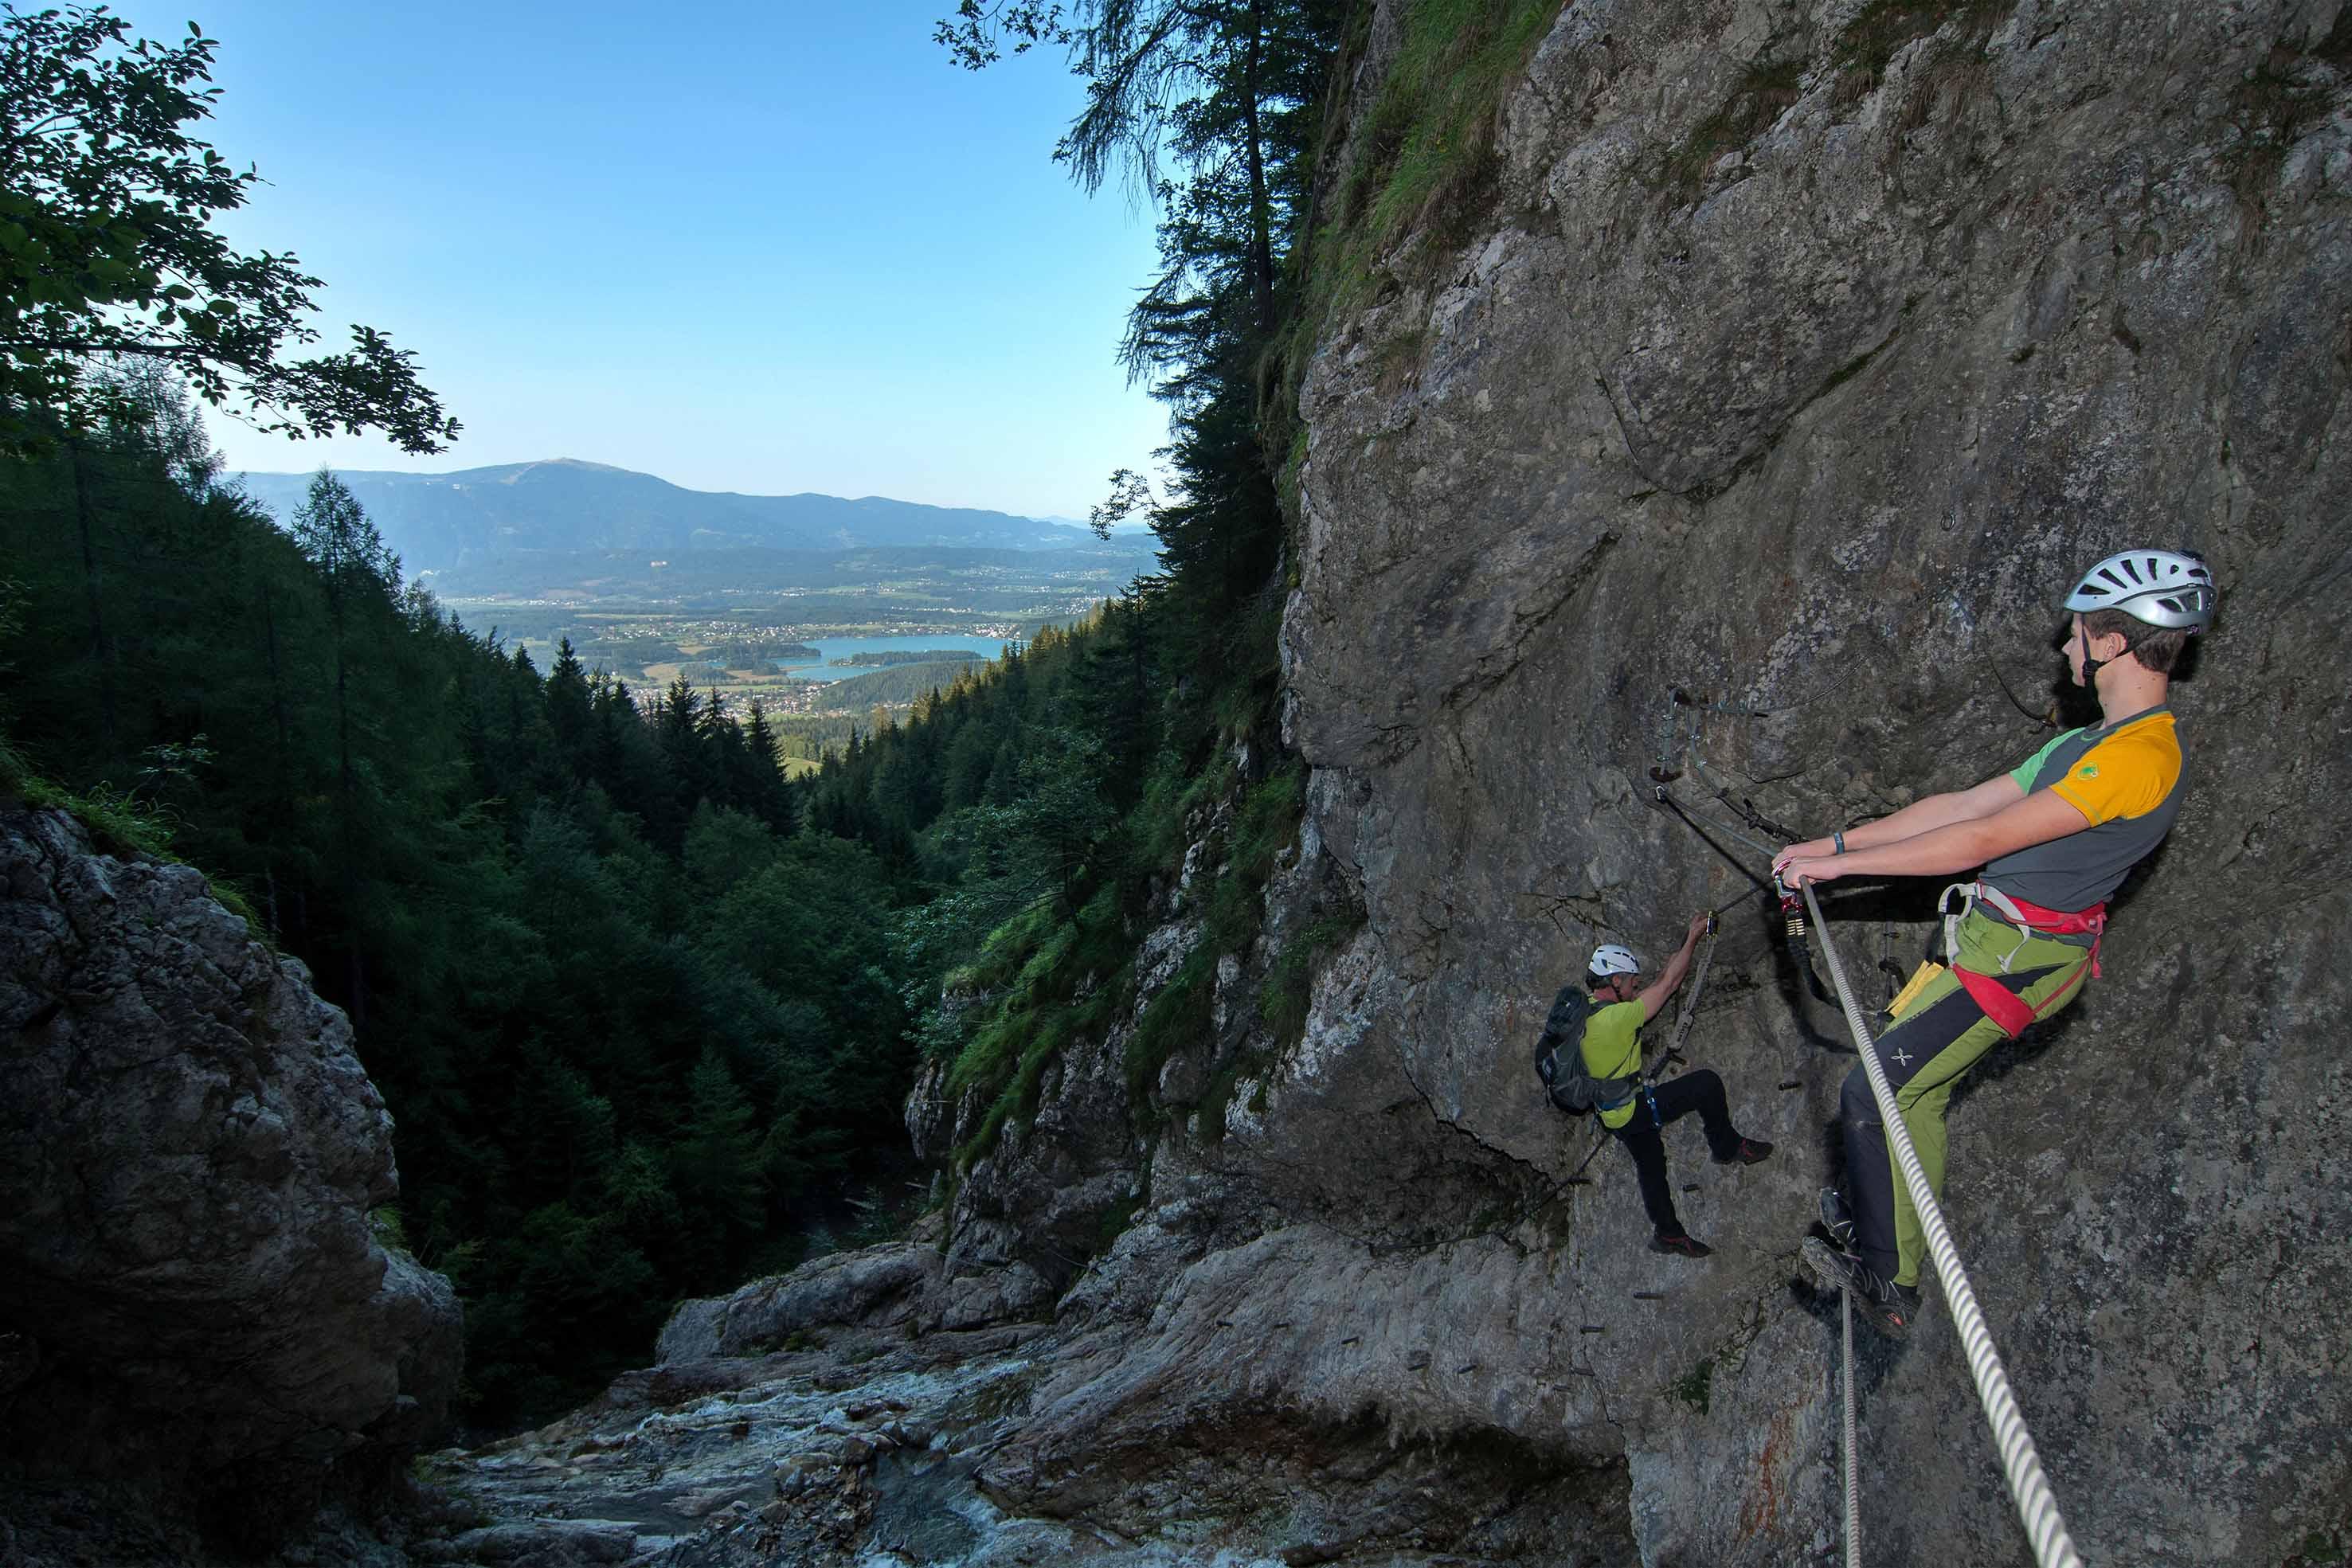 Copyright_Region-Villach-Tourismus_Adrian-Hipp_Klettern-Rotschitza-Klamm